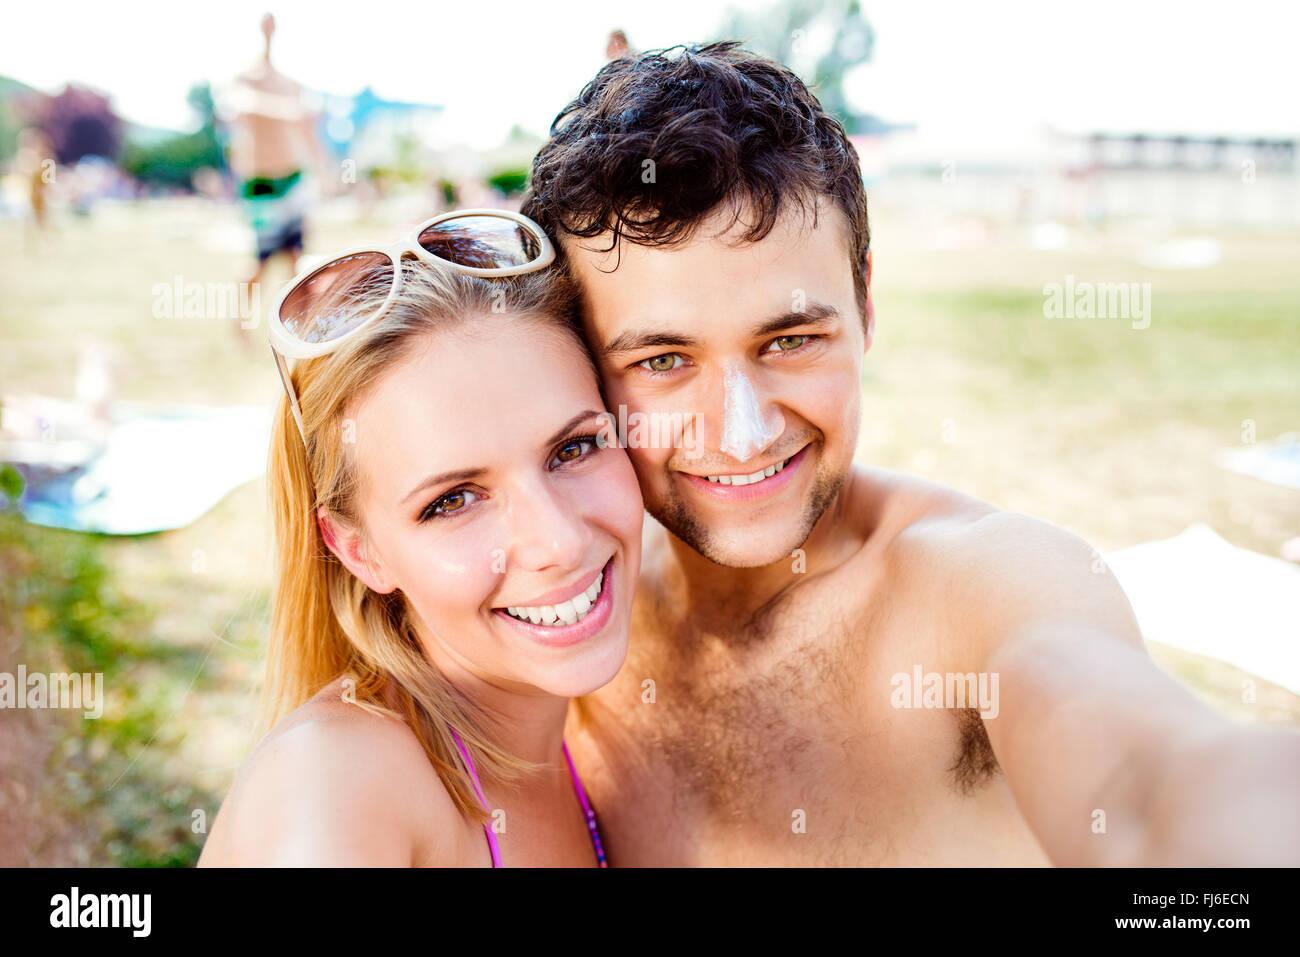 Coppia giovane a prendere il sole, tenendo selfie. Sunscreen sul naso. Immagini Stock